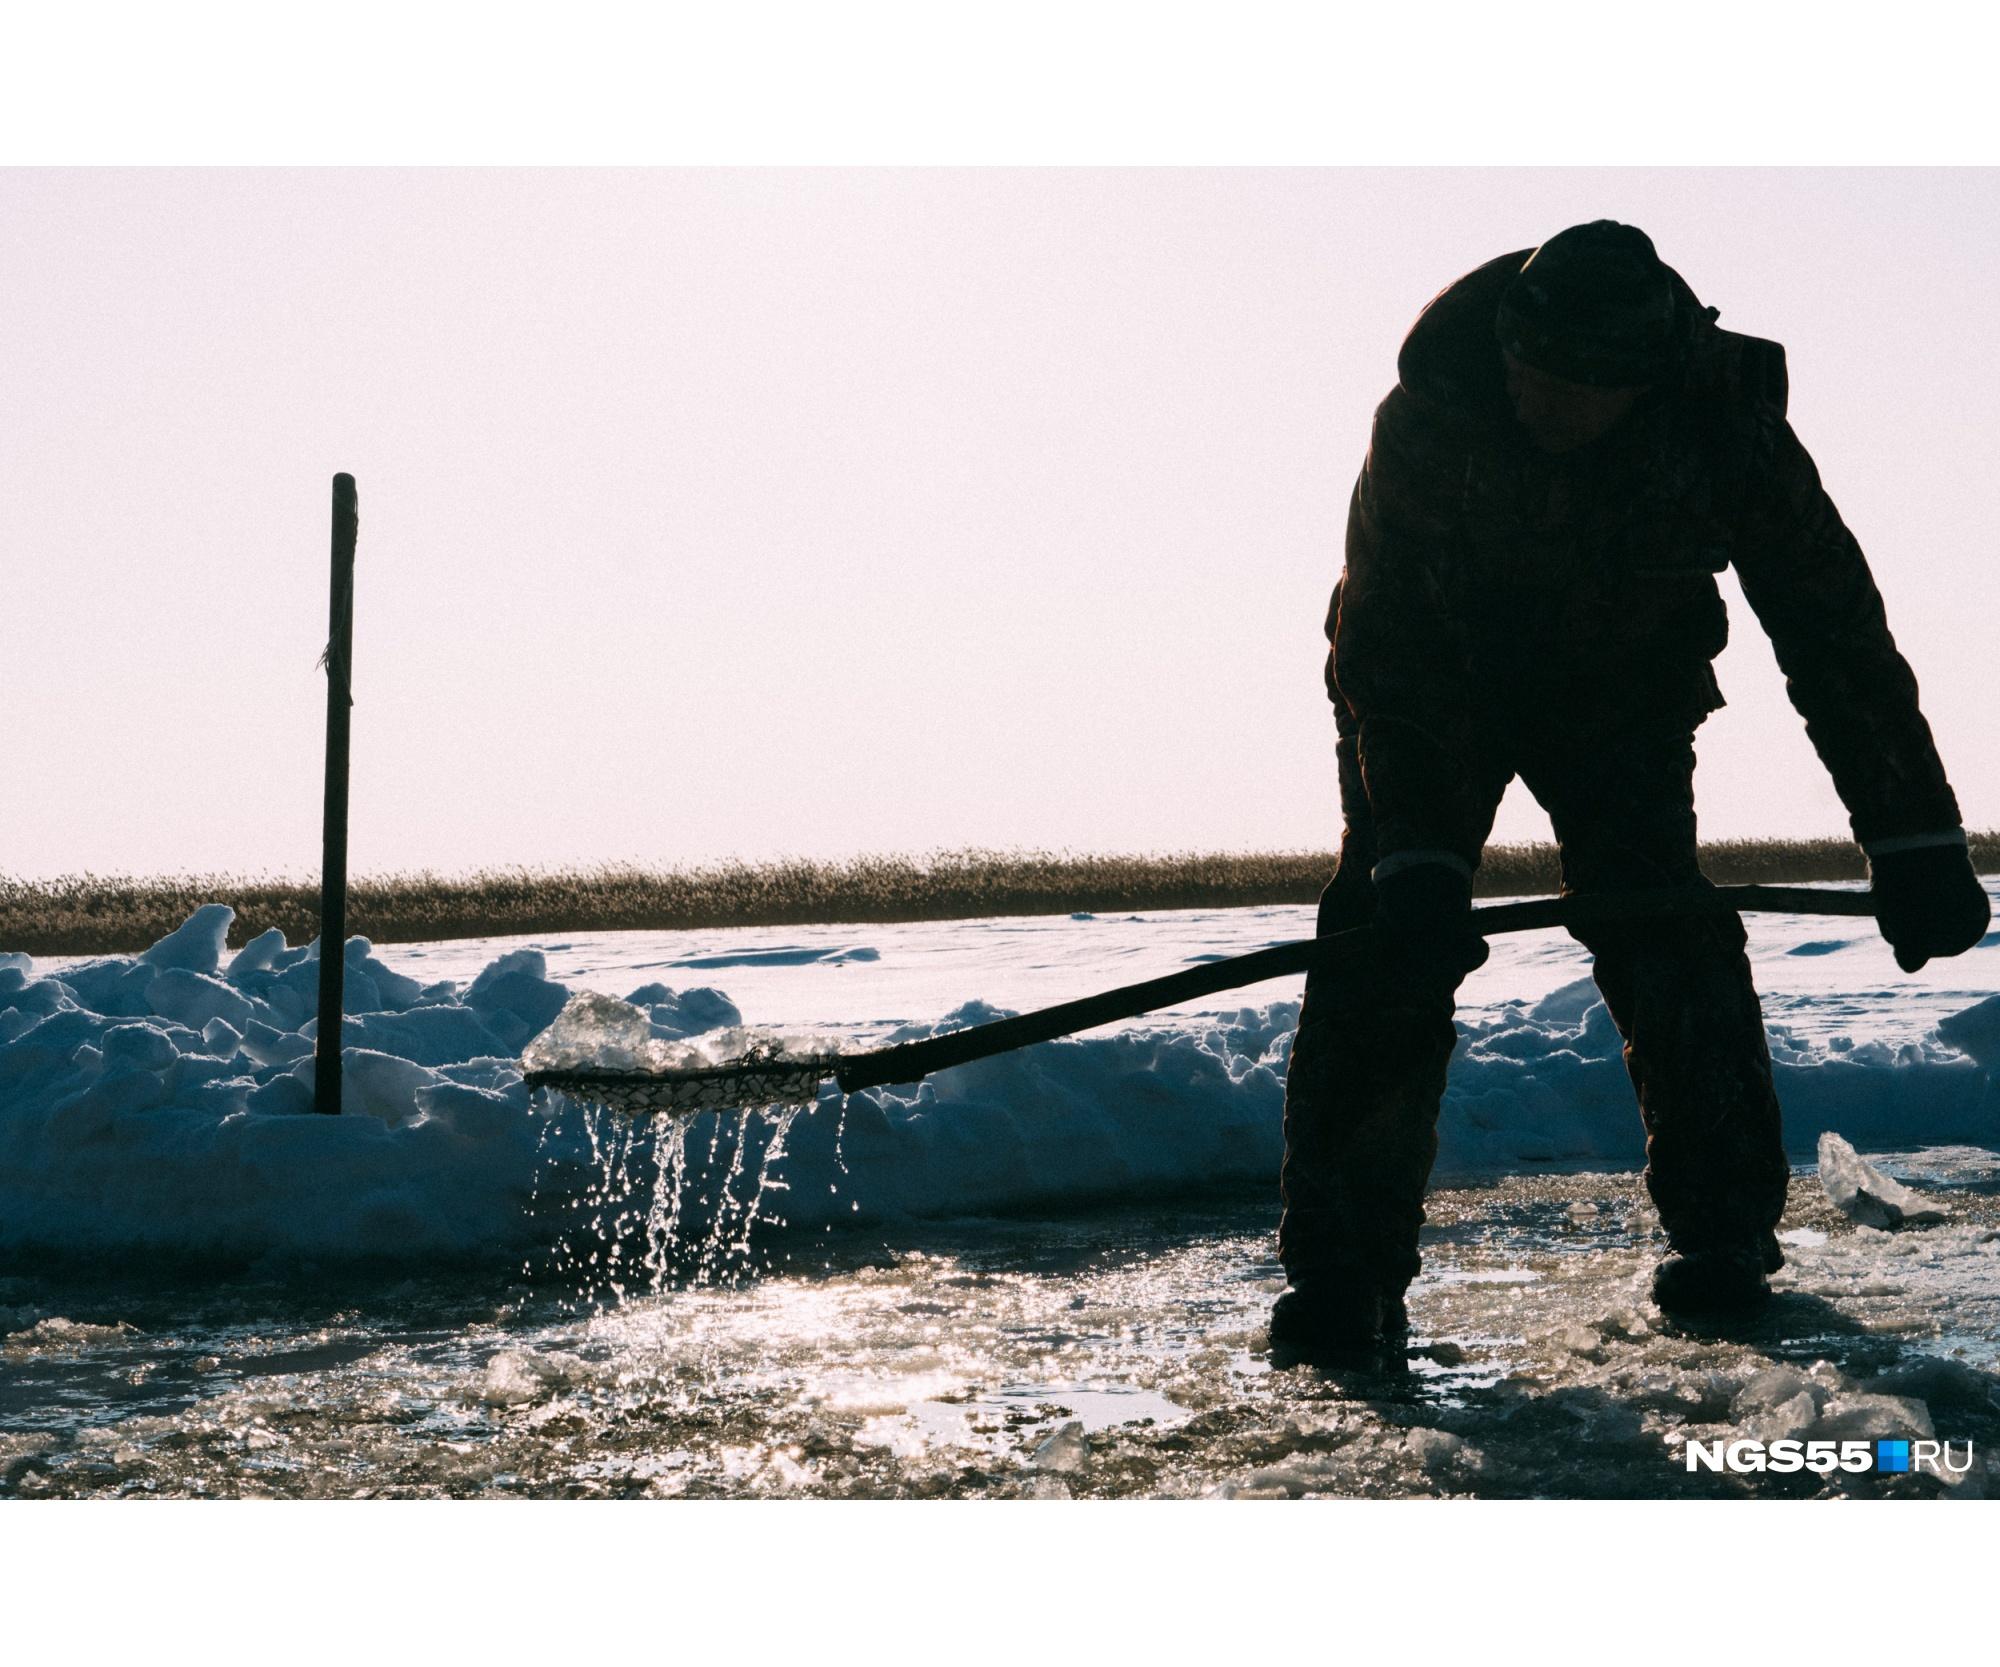 Наконец лед сдается — мужчины убирают оставшиеся на поверхности воды льдины. Озеро Нагибино ненадолго очнулось от зимней спячки. Заколыхалась гладь ледяной воды — говорят, на один день в году она стала святой